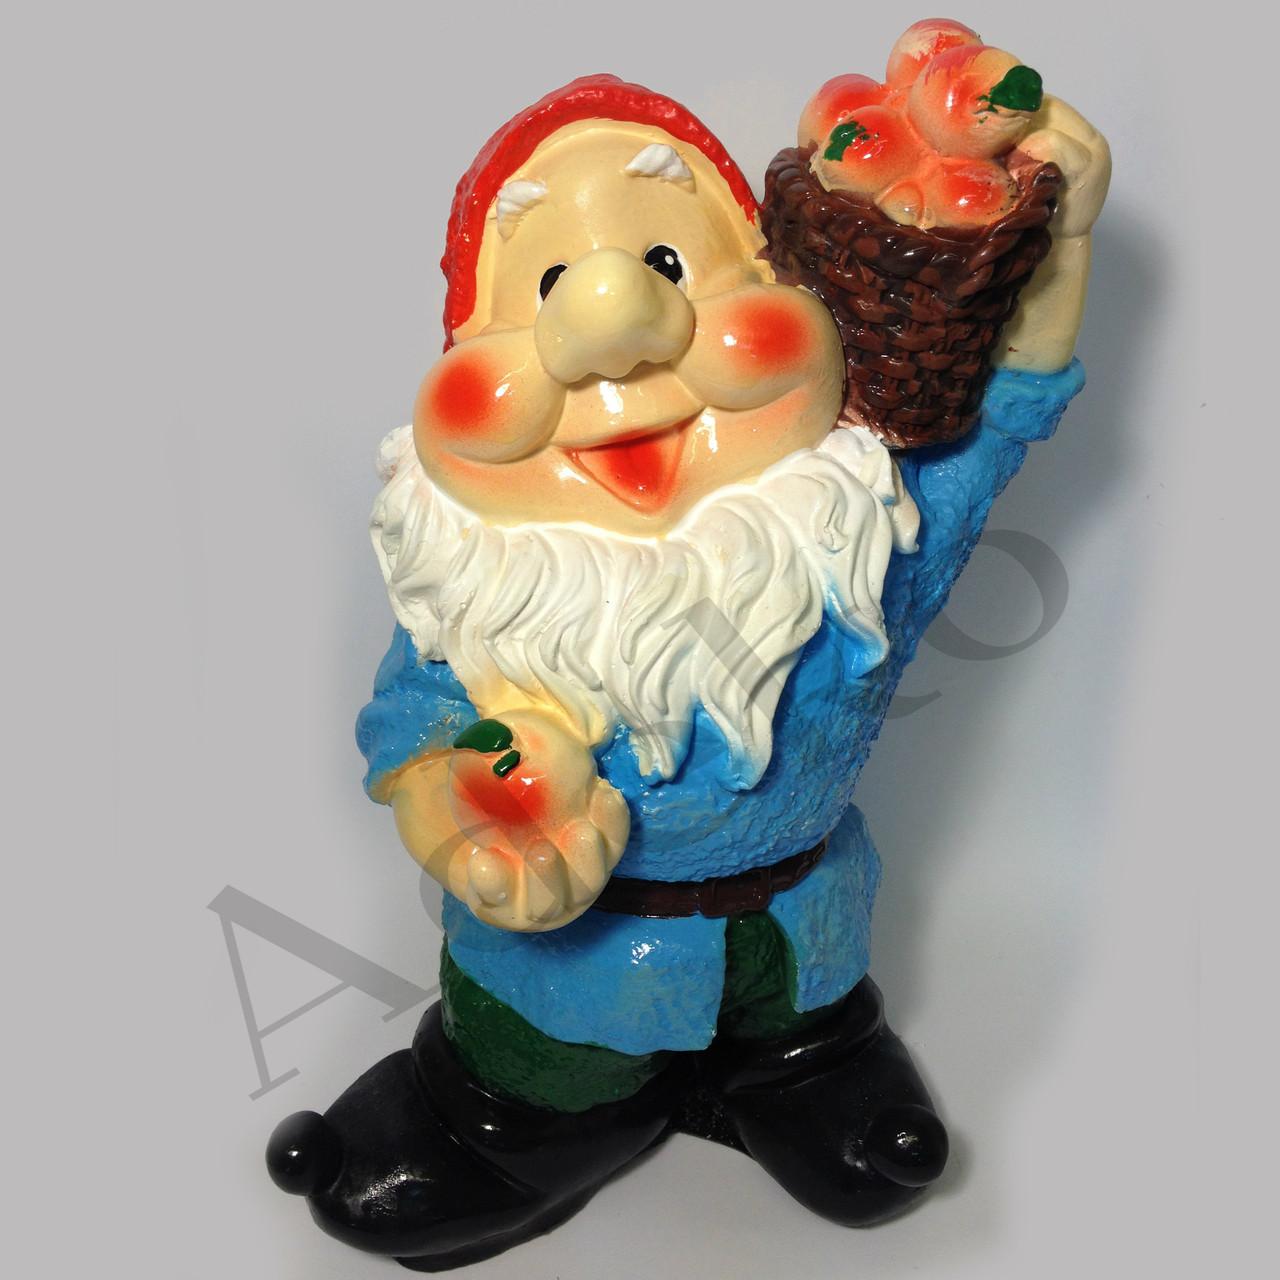 Декоративная фигура Гном с яблоками 39 см